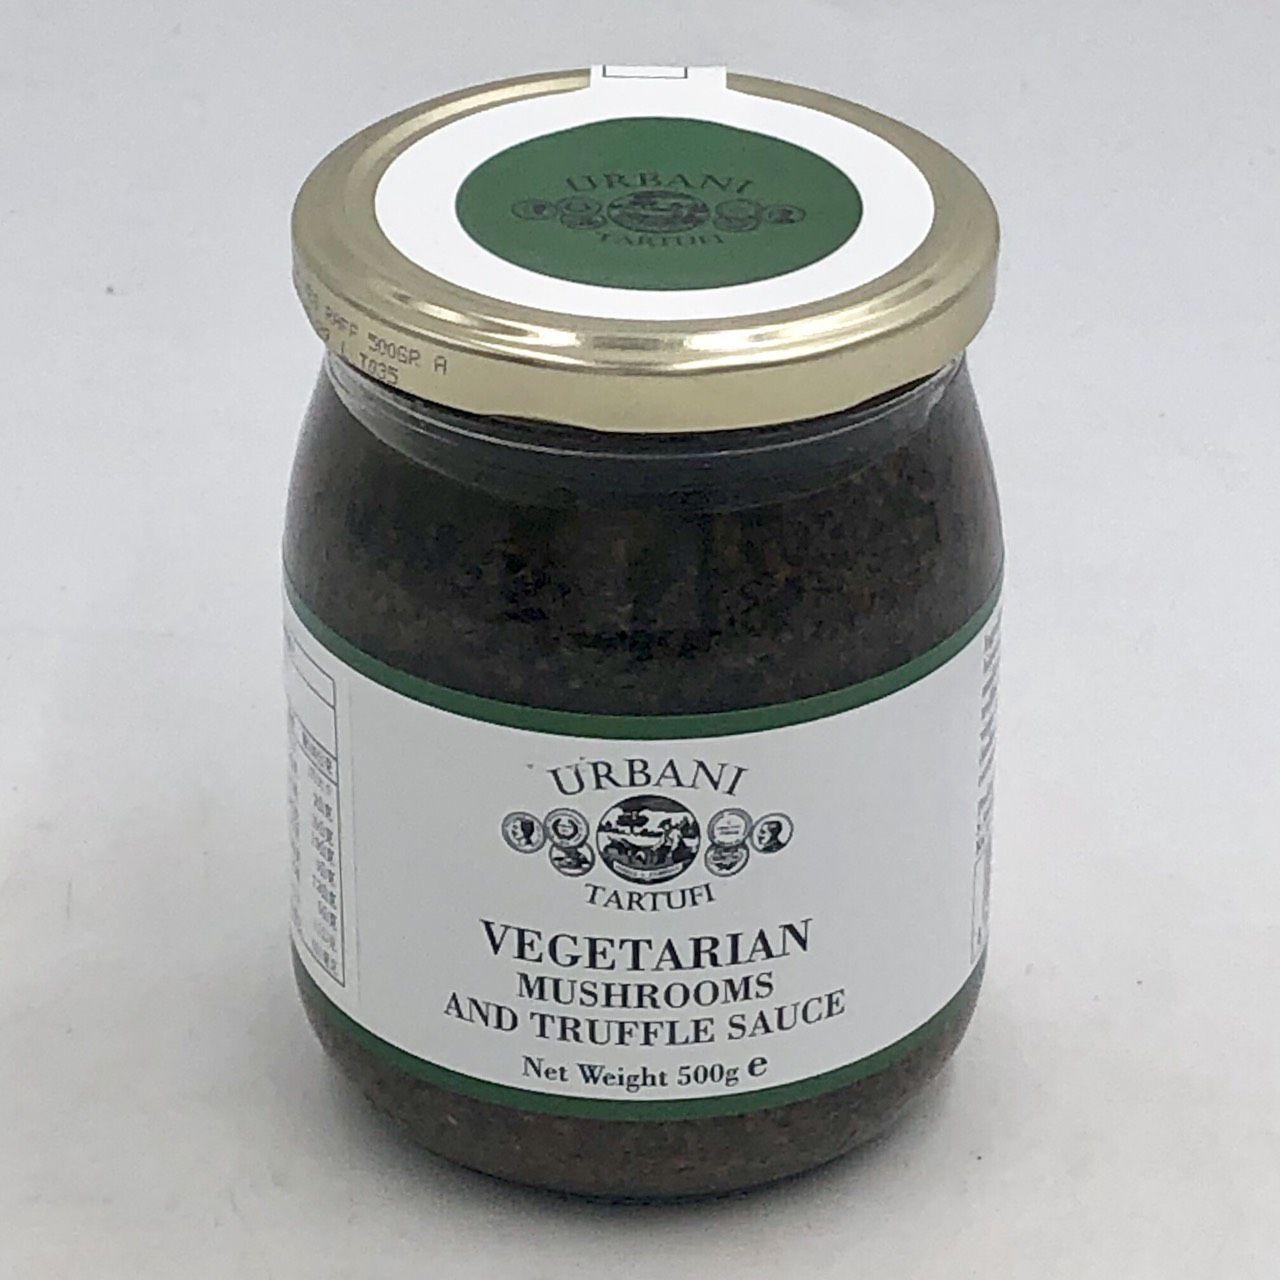 (URBANI)素食夏季松露菌菇醬500g(全素)